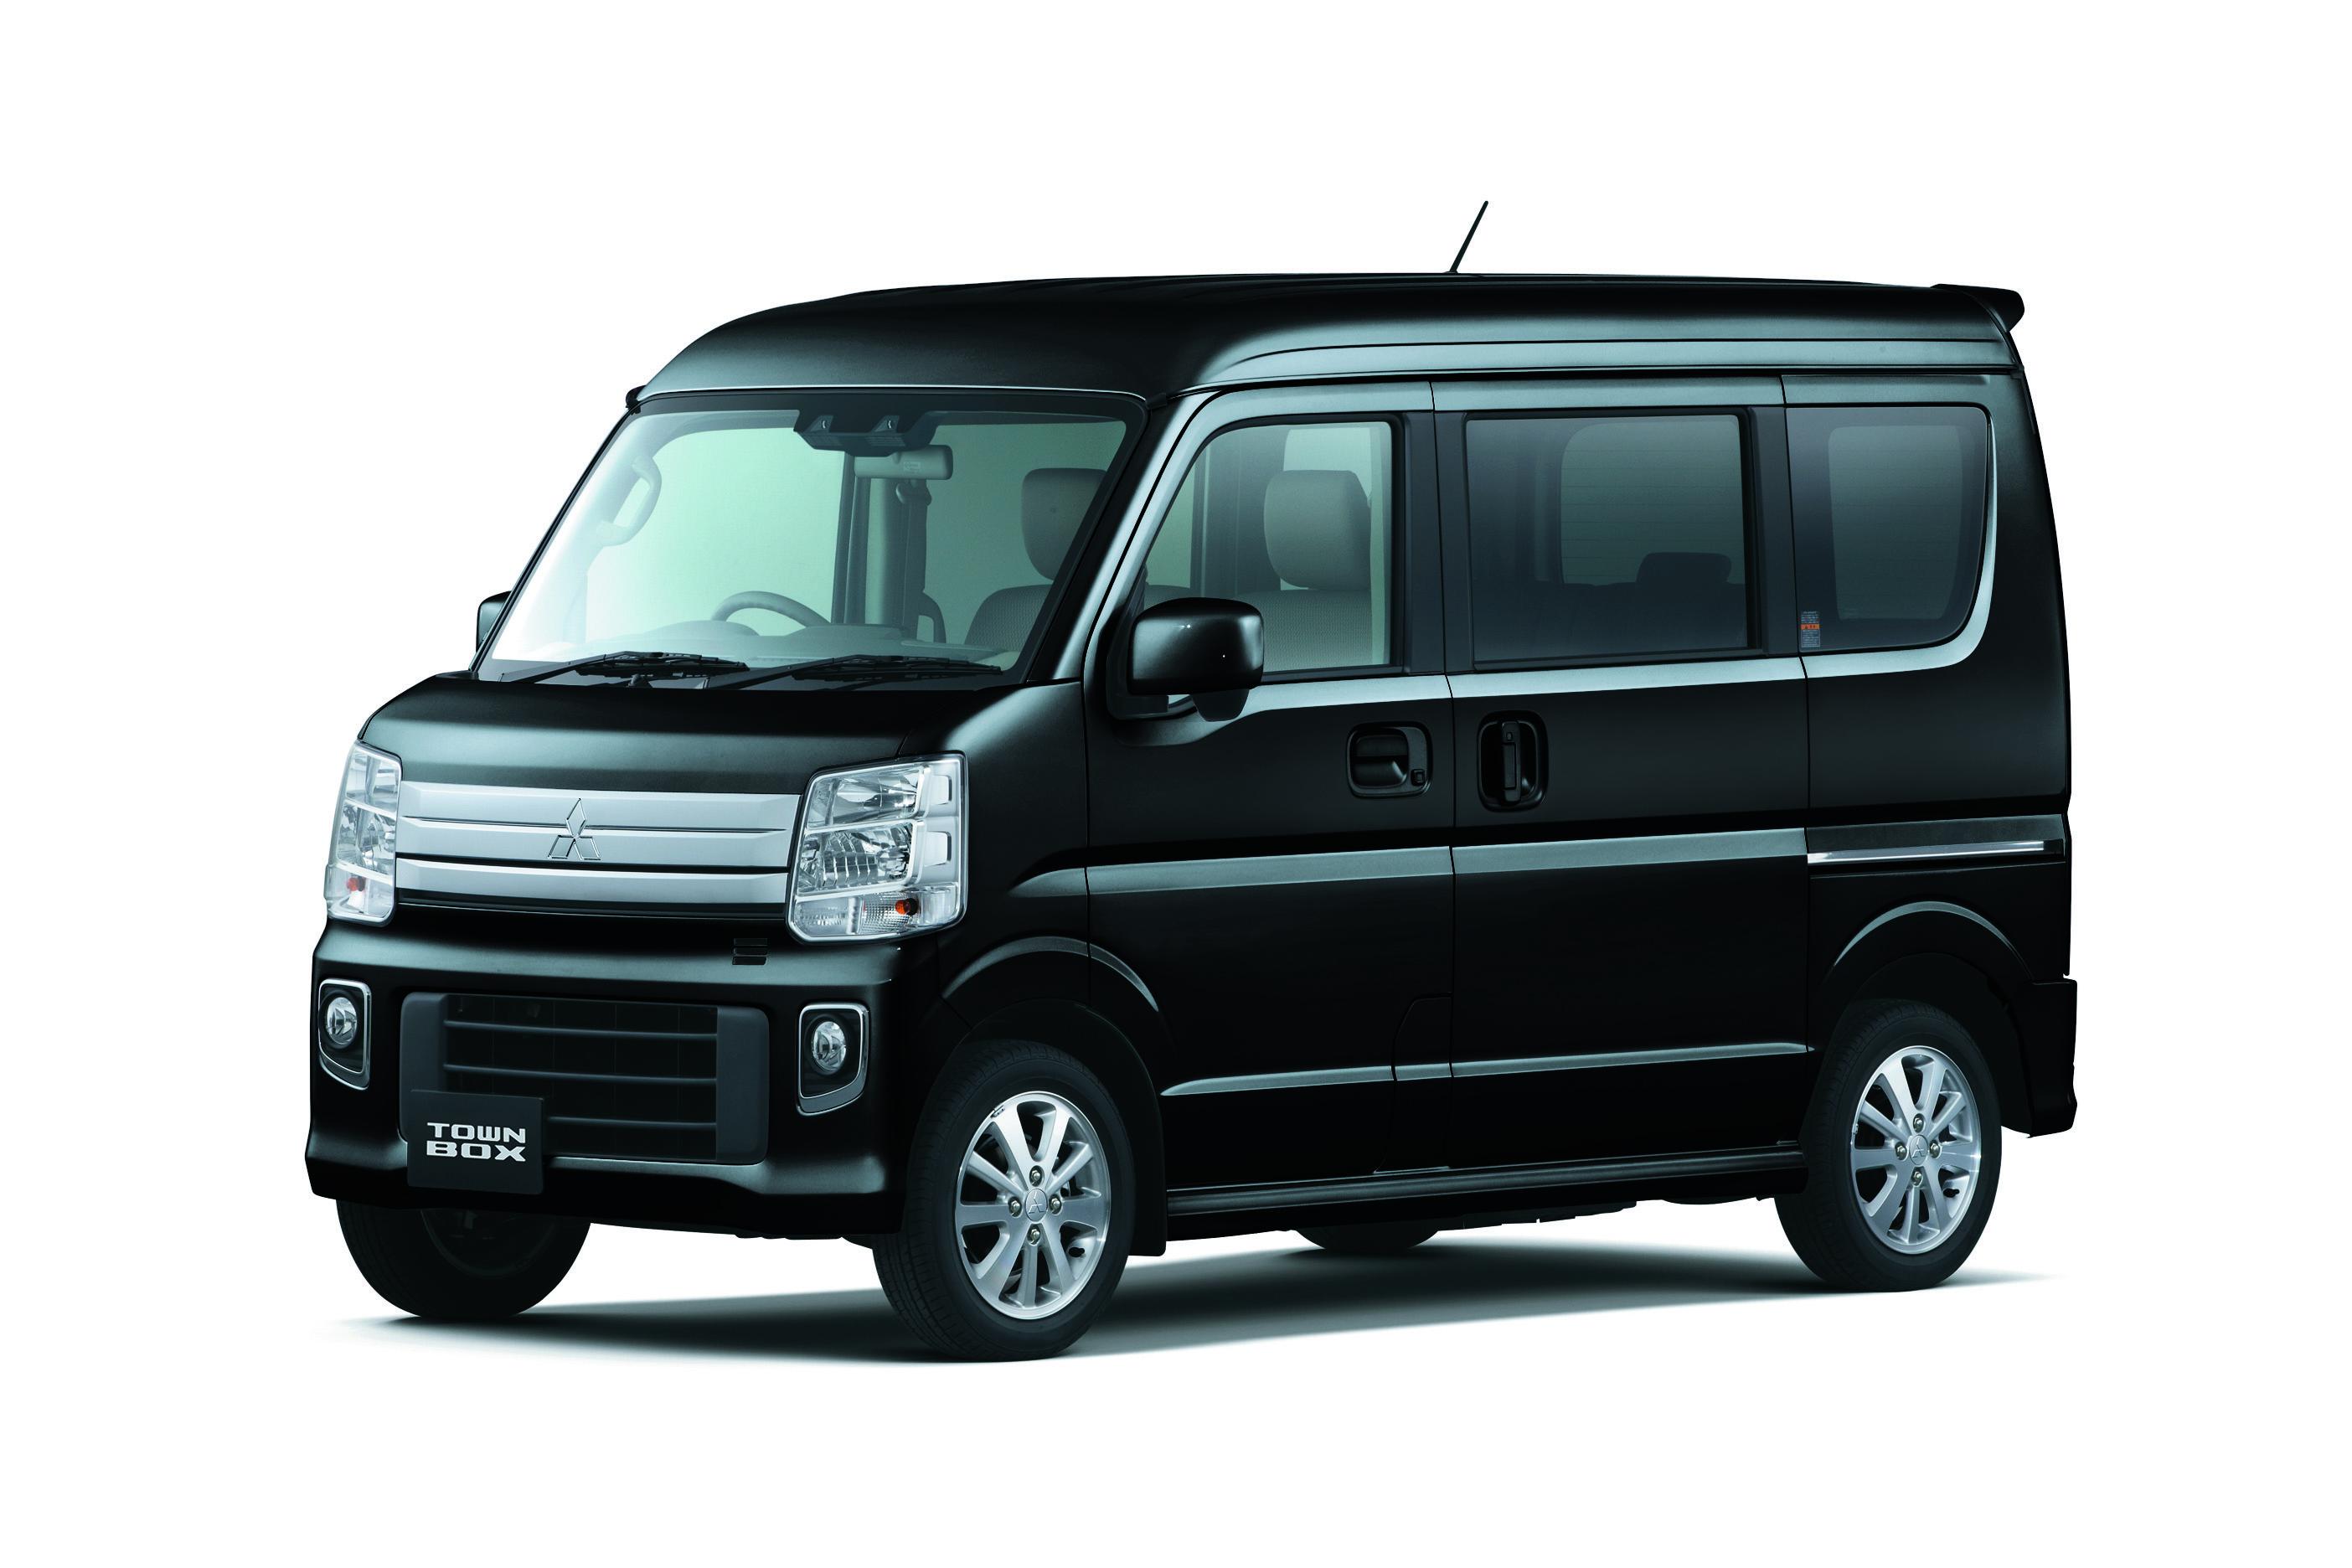 現行モデル発売年月日:2015年3月20日  新車価格:171万~192万円  画像は、G